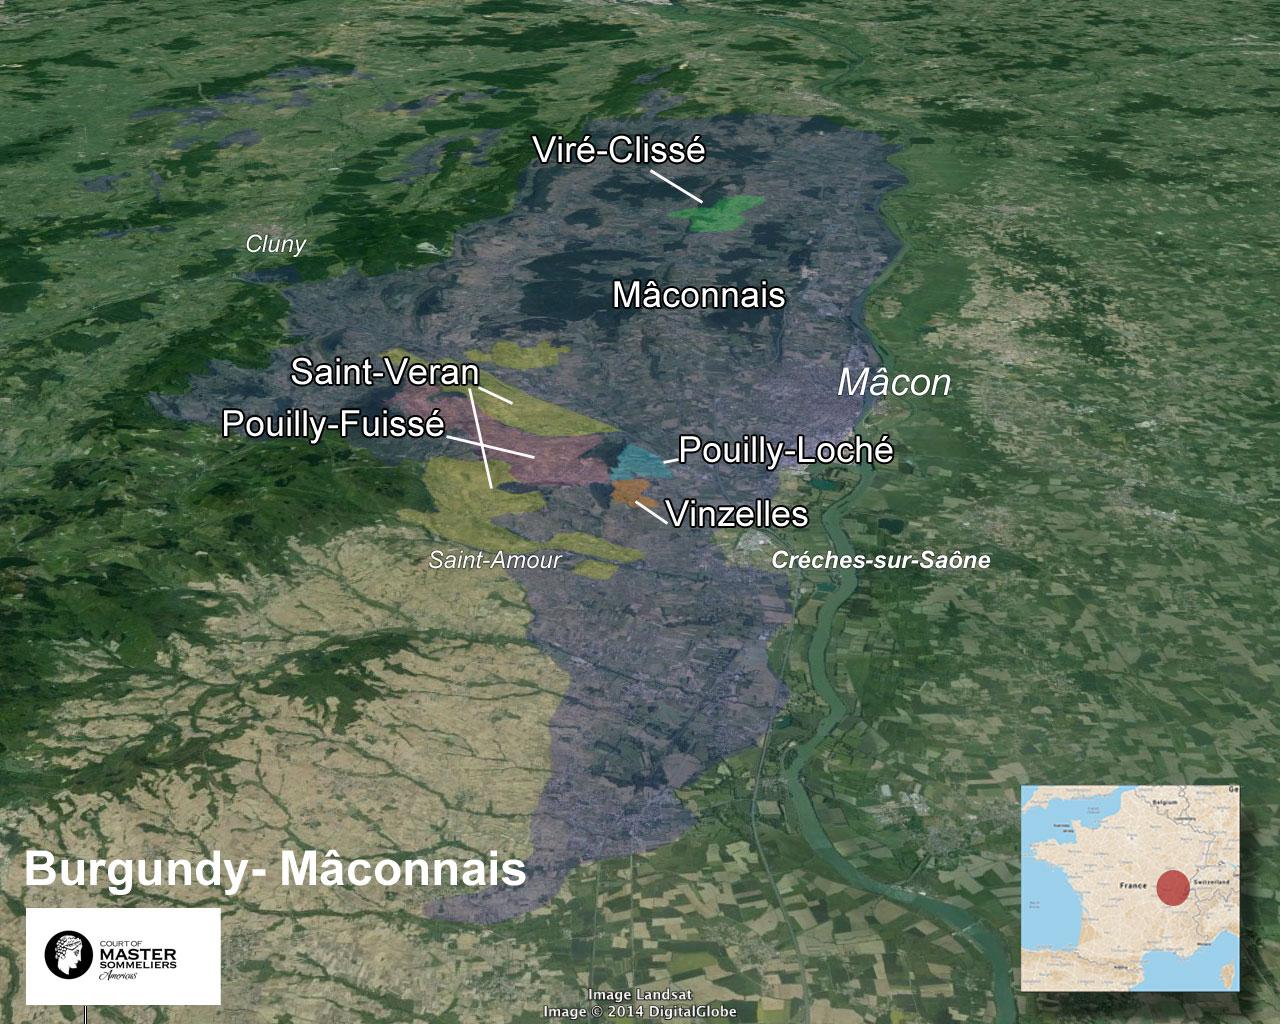 Maconnais-full-map.jpg